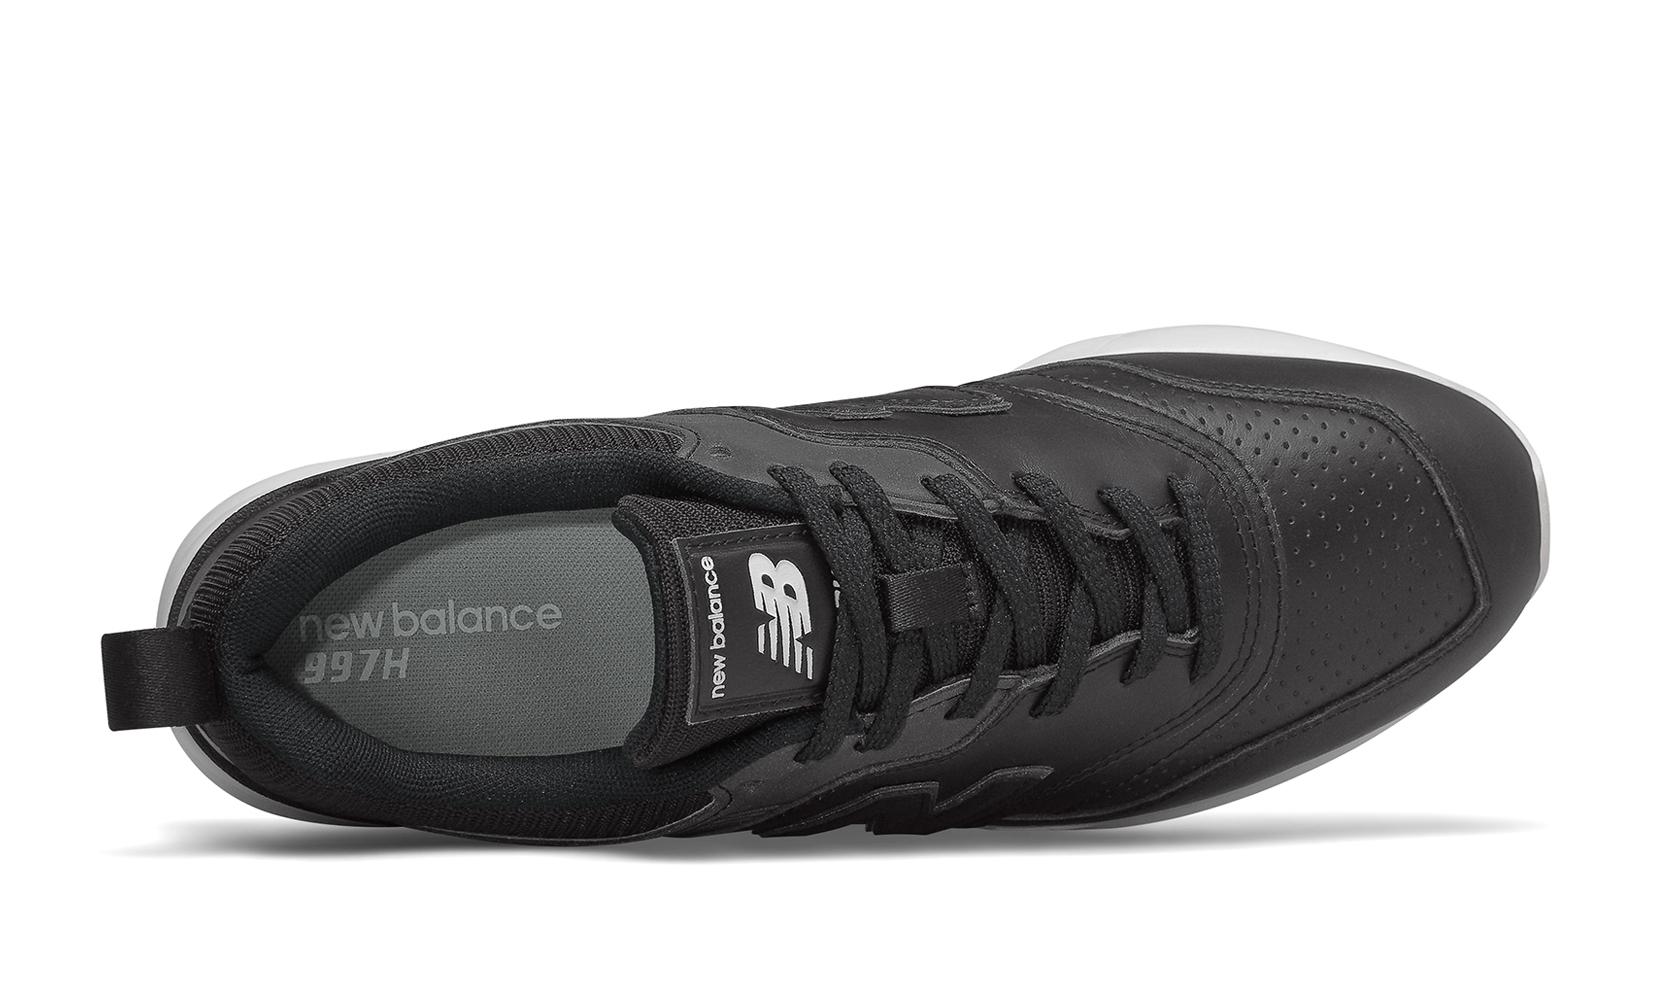 Чоловіче взуття повсякденне New Balance 997Н CM997HDX | New Balance